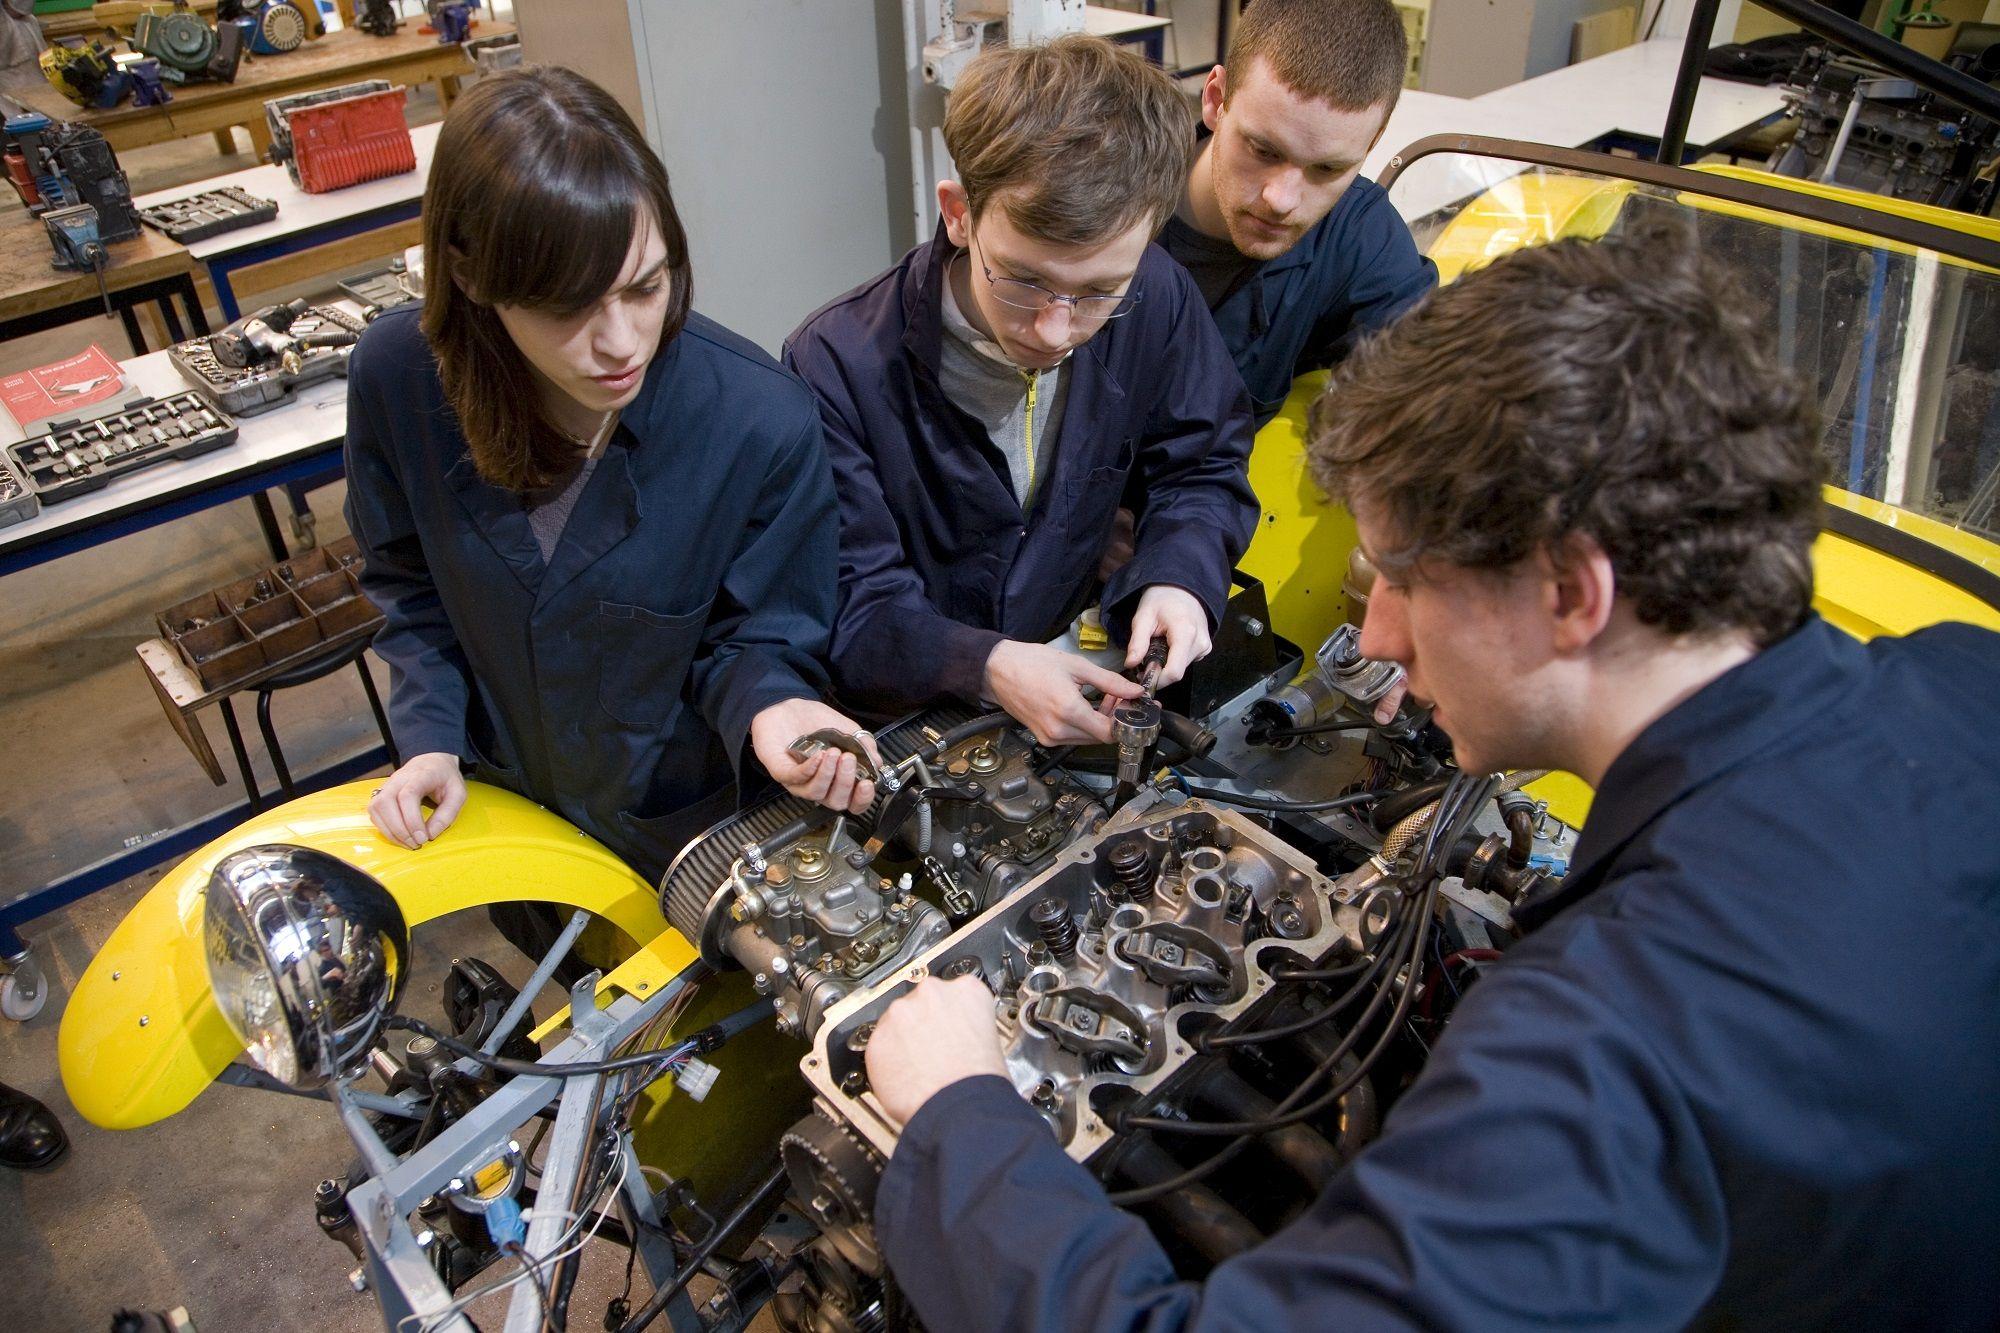 La reducción del uso de combustibles es el objetivo de académicos e industriales